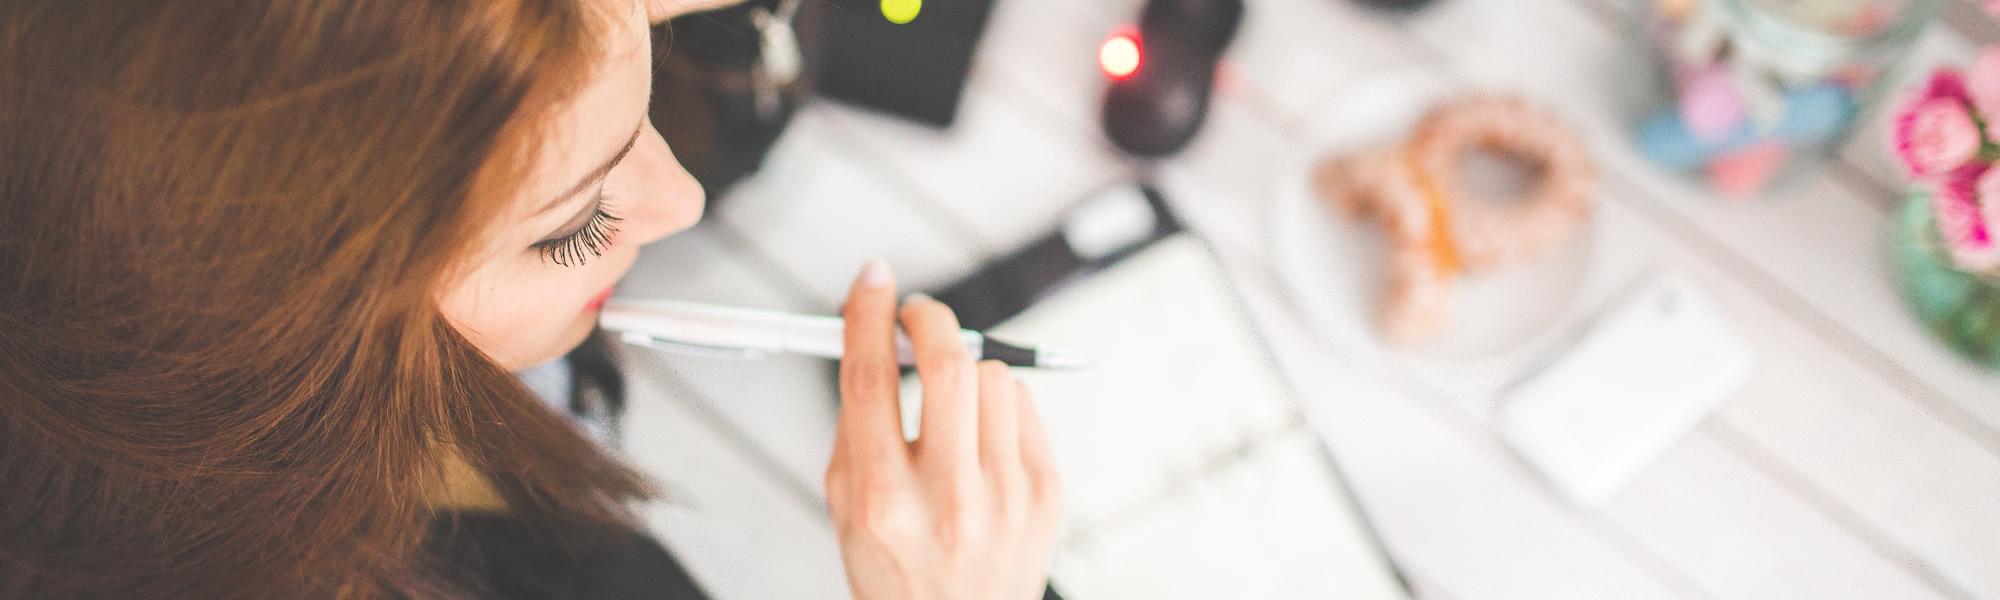 קורס עיצוב גרפי - לימודים אונליין מהבית לתעודה מעצבים גרפיים